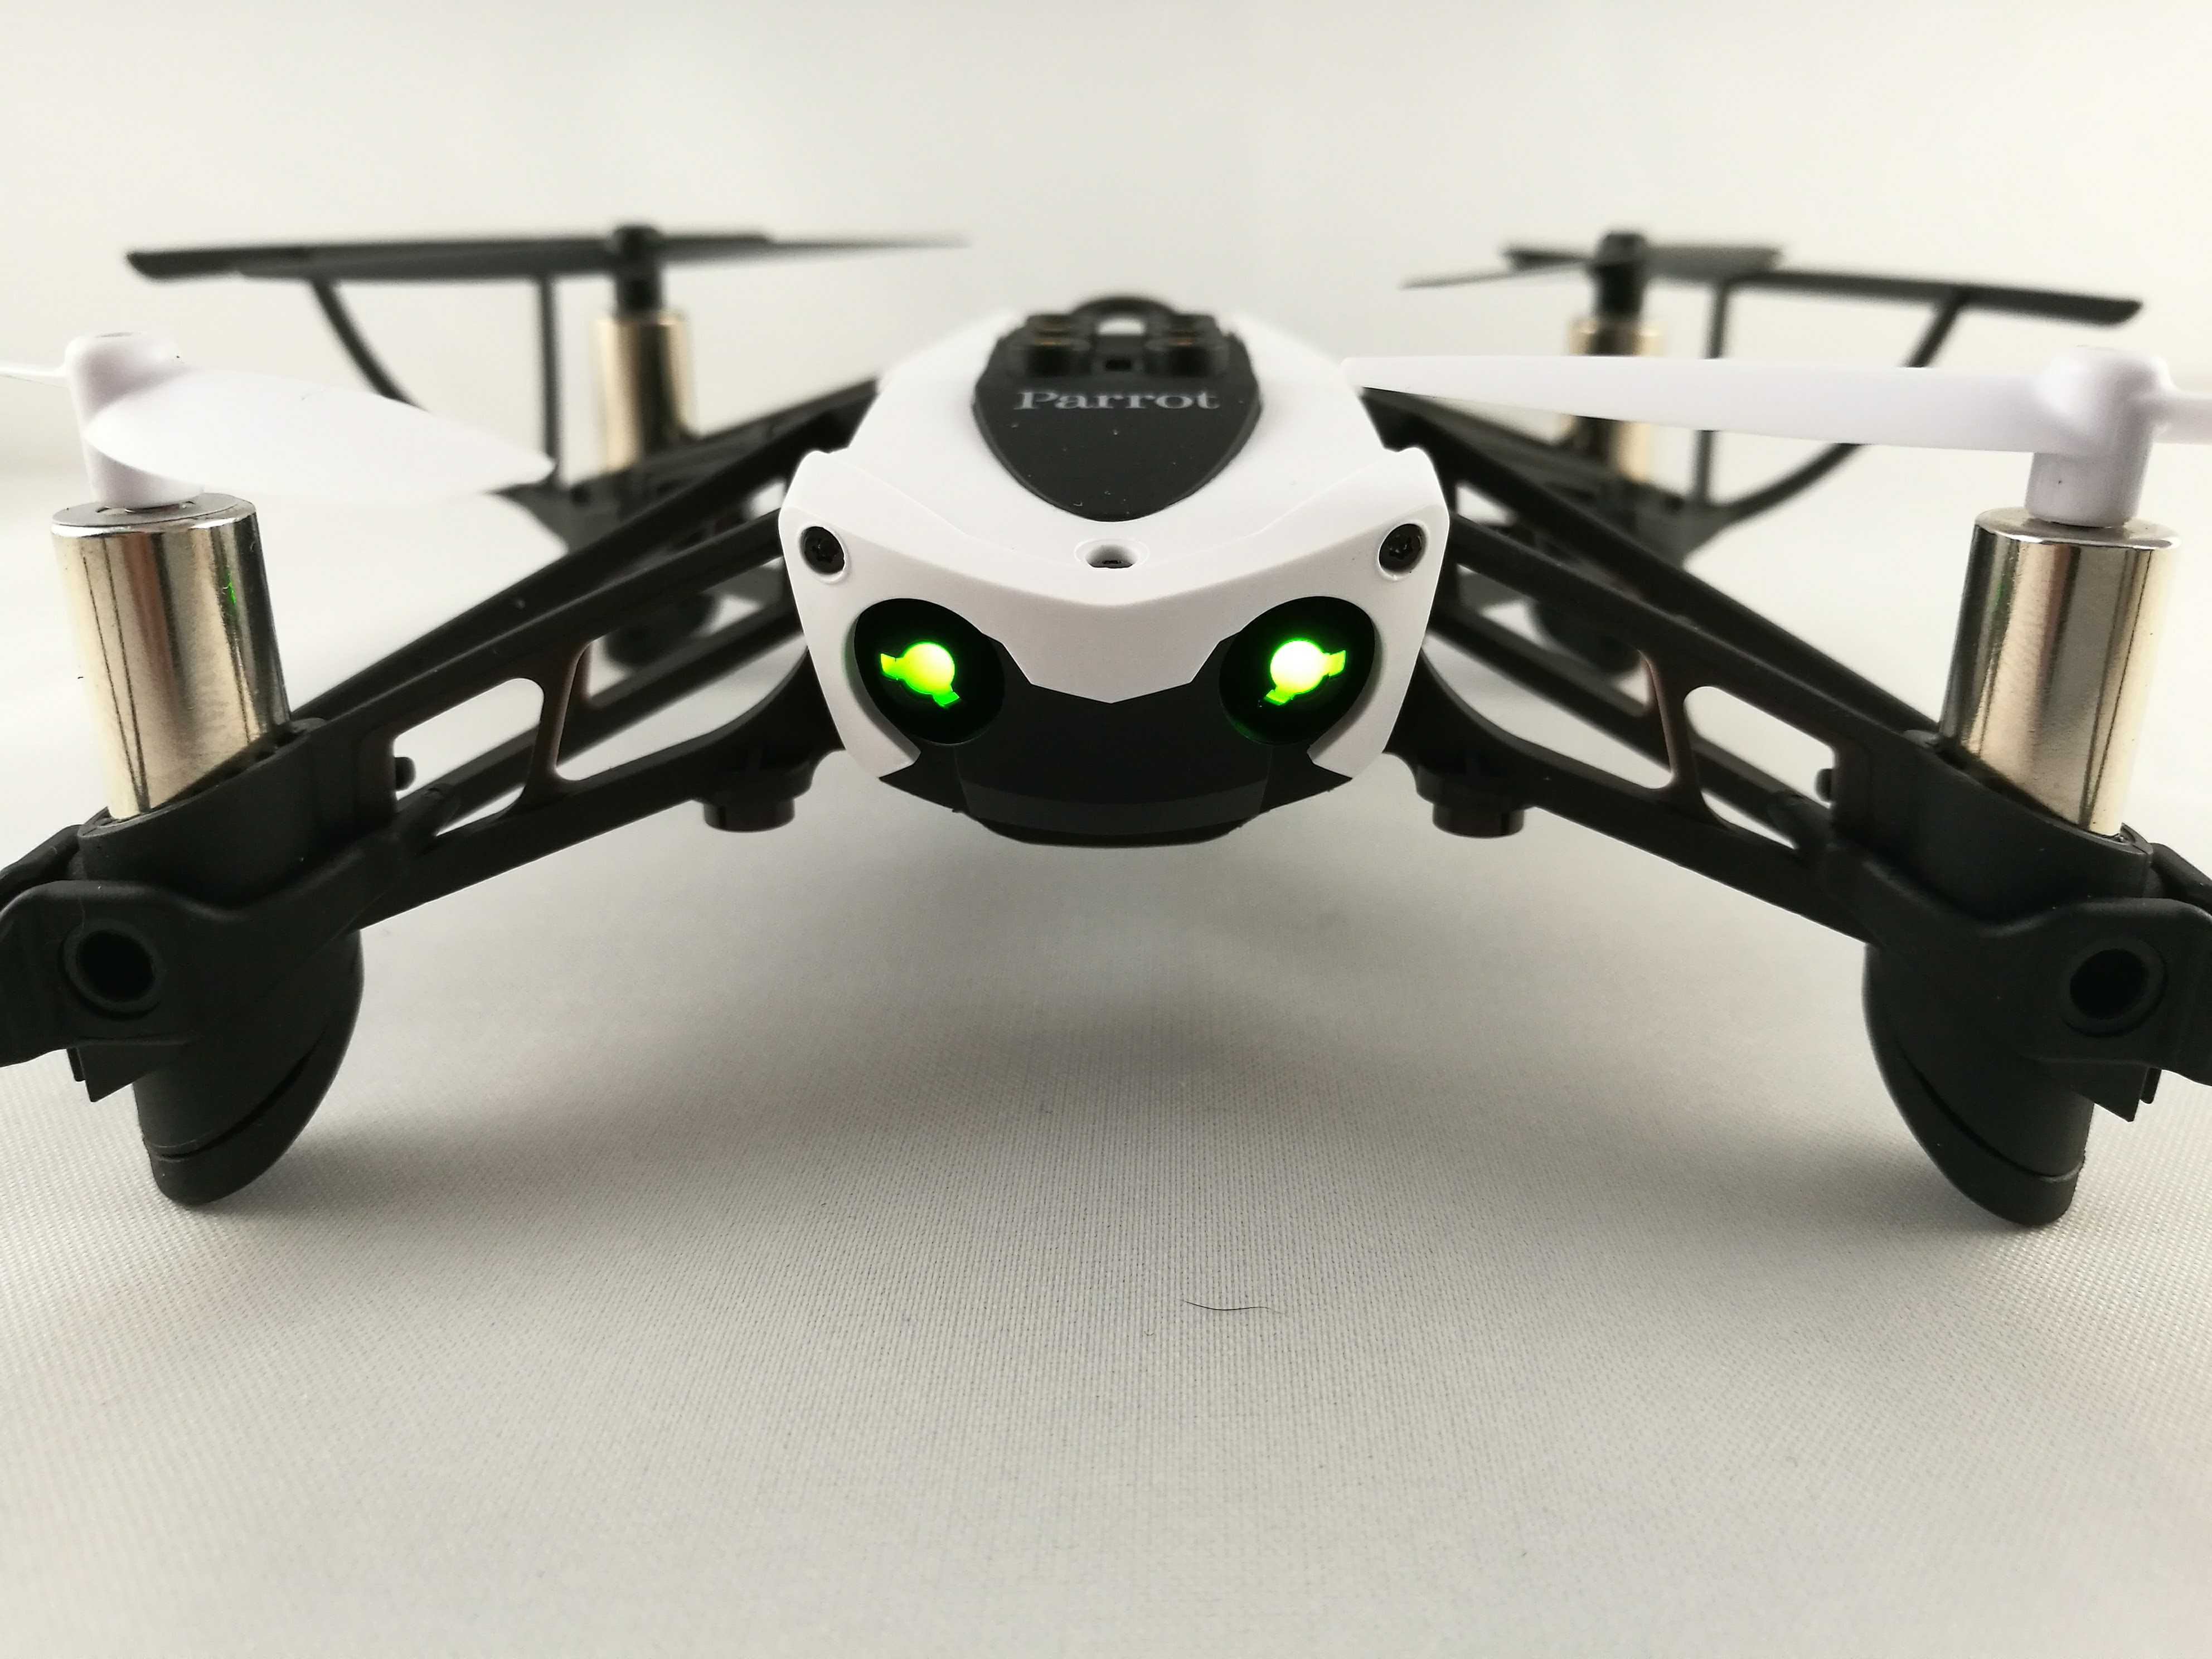 Acheter professional drones with camera prix drone quadricoptere avec camera